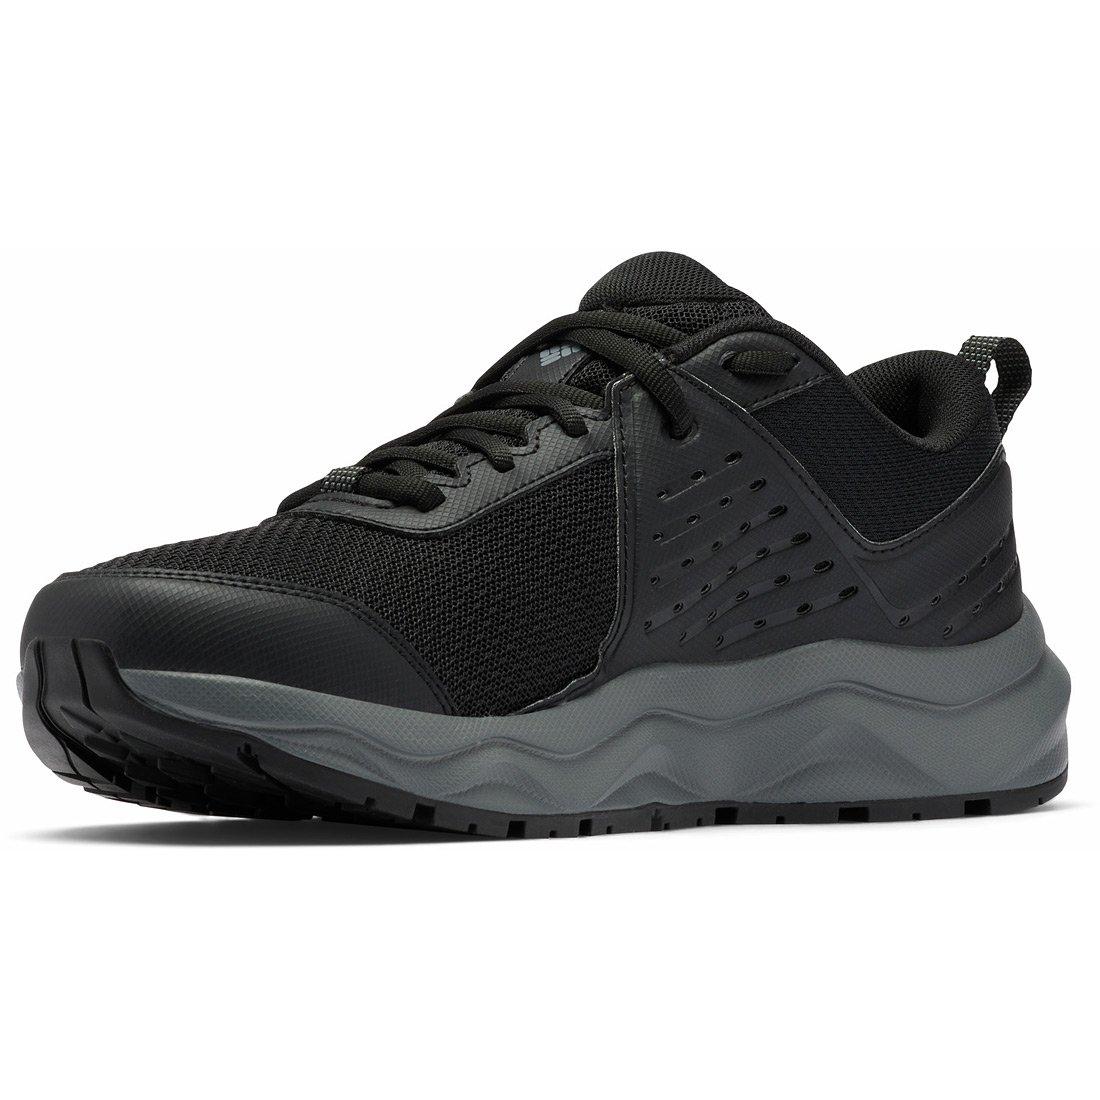 נעליי טיולים ו Multi-Sport לגברים - Trailstorm Elevate M - Columbia